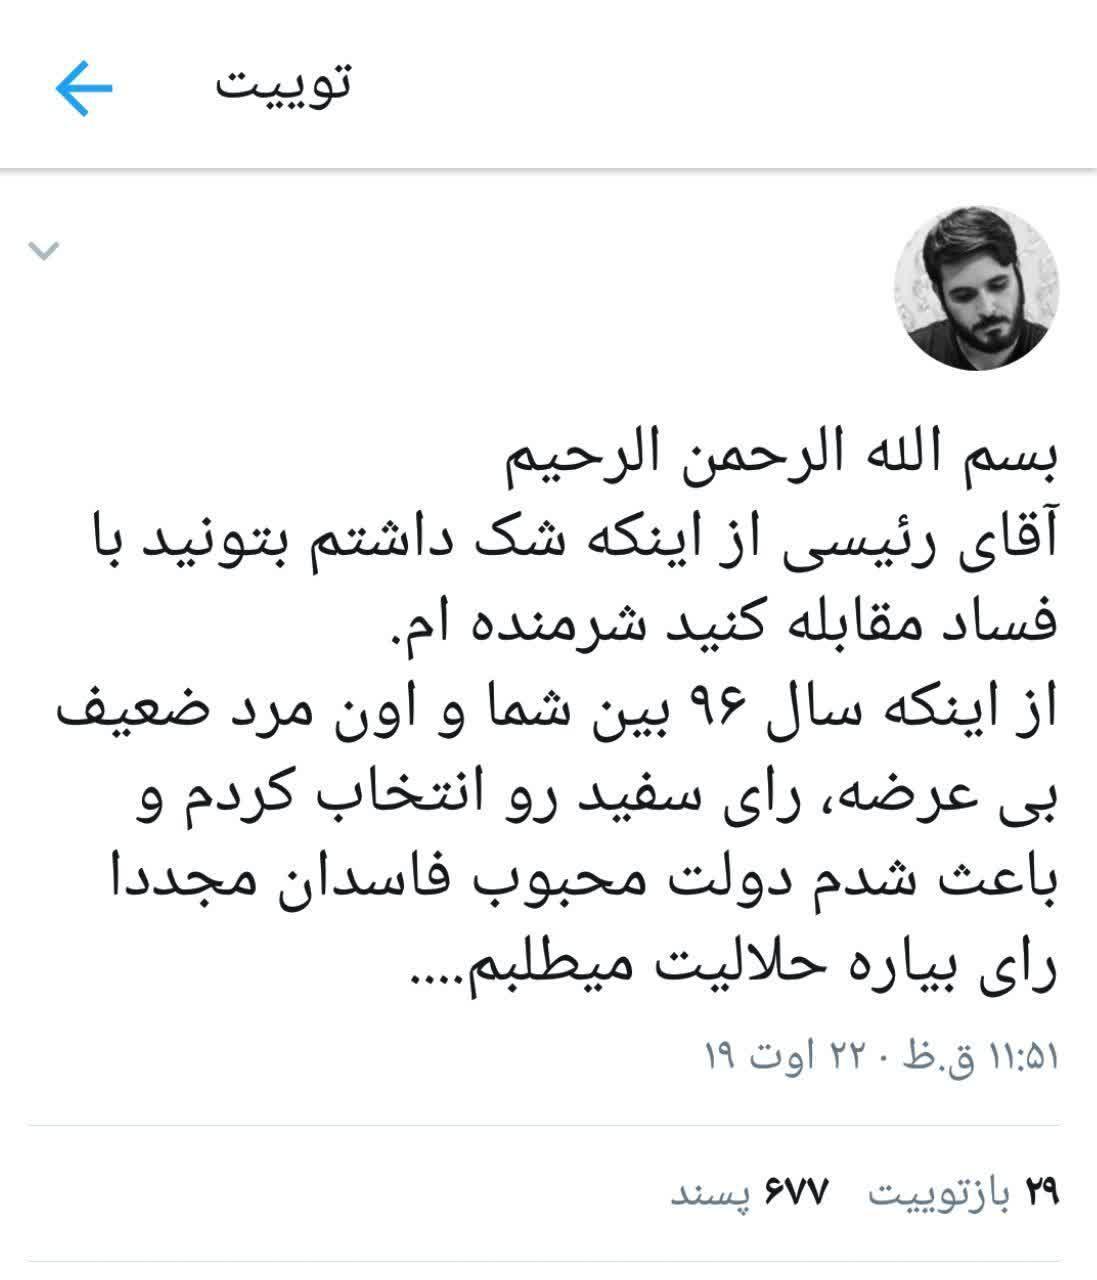 آقای رئیسی حلالم کنید! +عکس